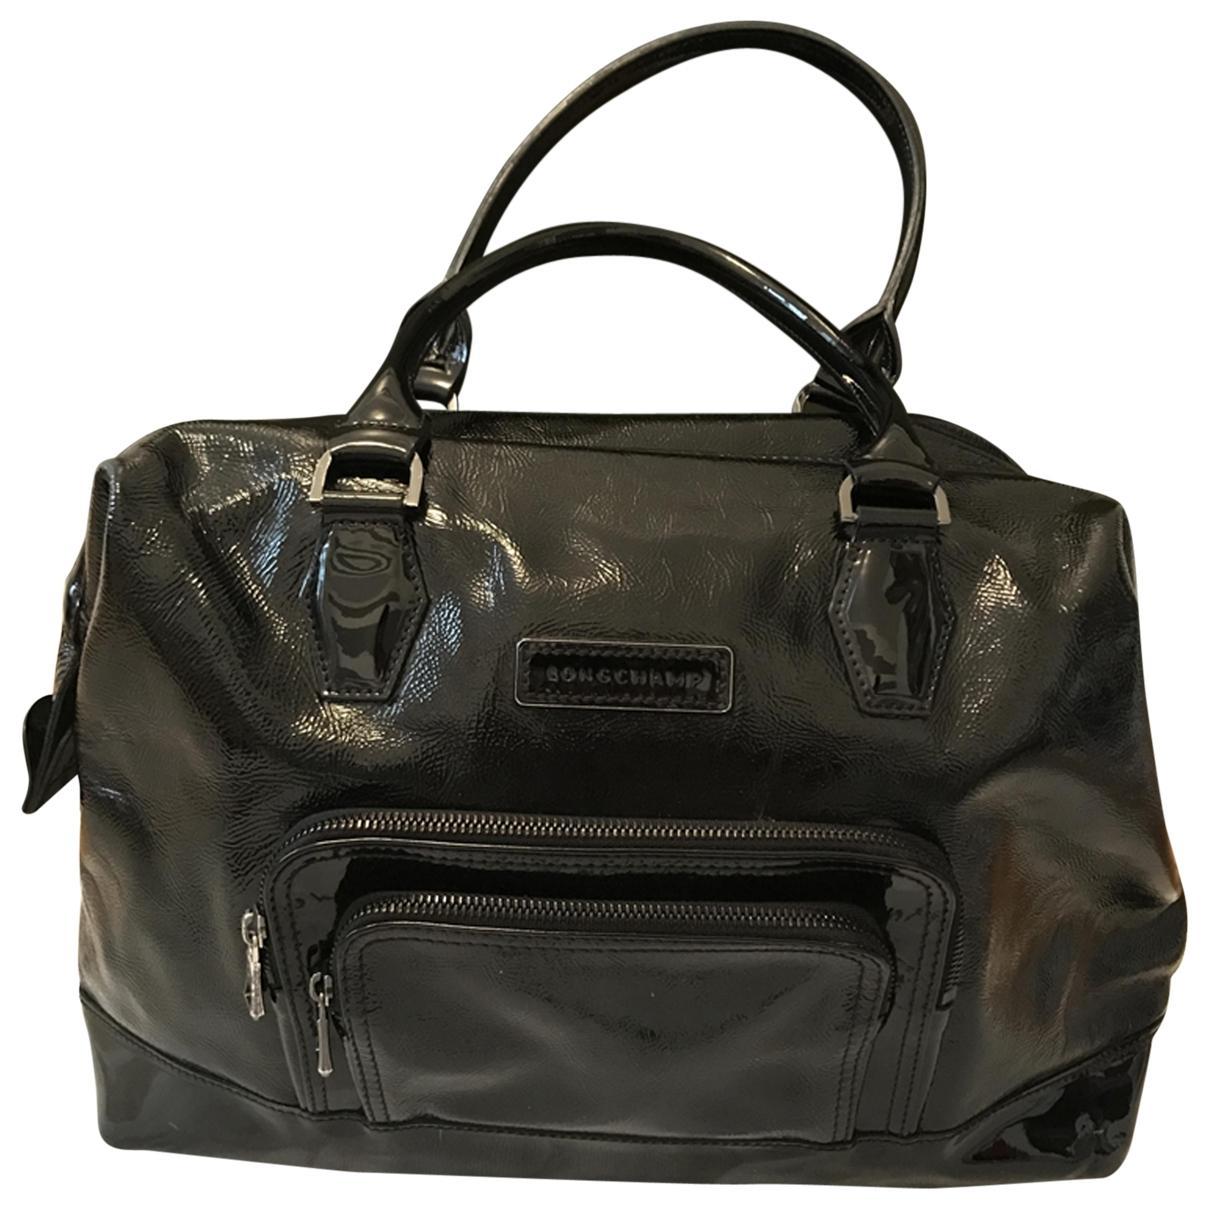 bdaf6ee1dbed Longchamp. Women s Black Légende Leather Handbag.  137 From Vestiaire  Collective